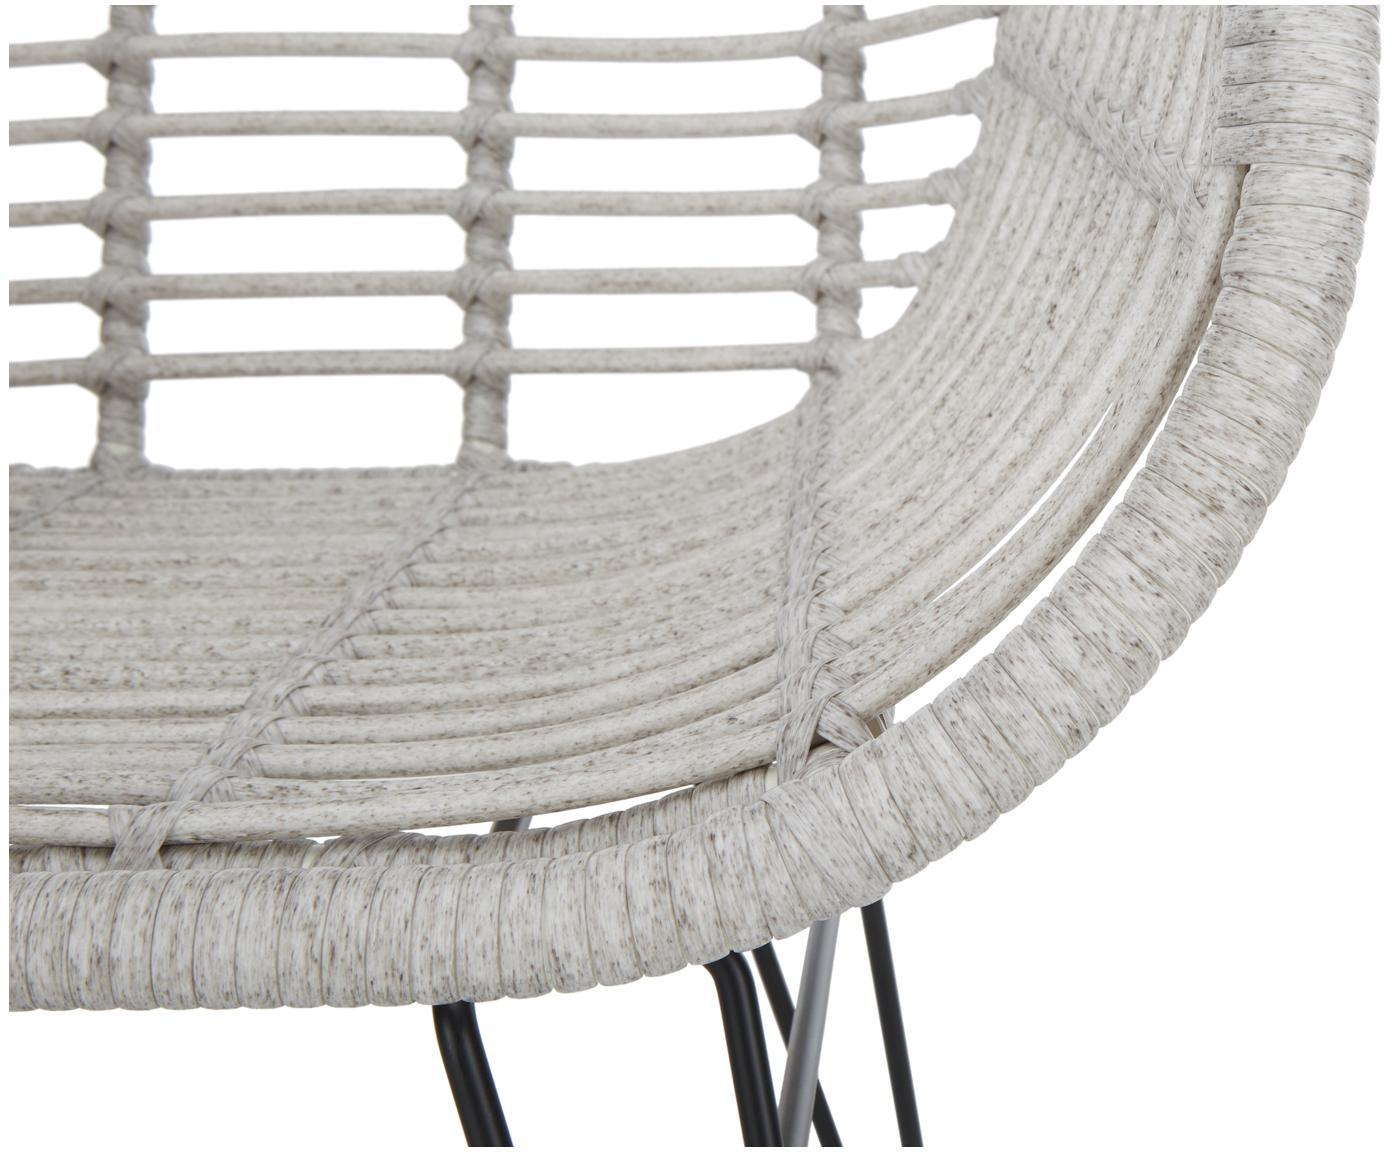 Polyrotan armstoelen Costa, 2 stuks, Zitvlak: polyethyleen-vlechtwerk, Frame: gepoedercoat metaal, Lichtgrijs, B 59 x D 61 cm